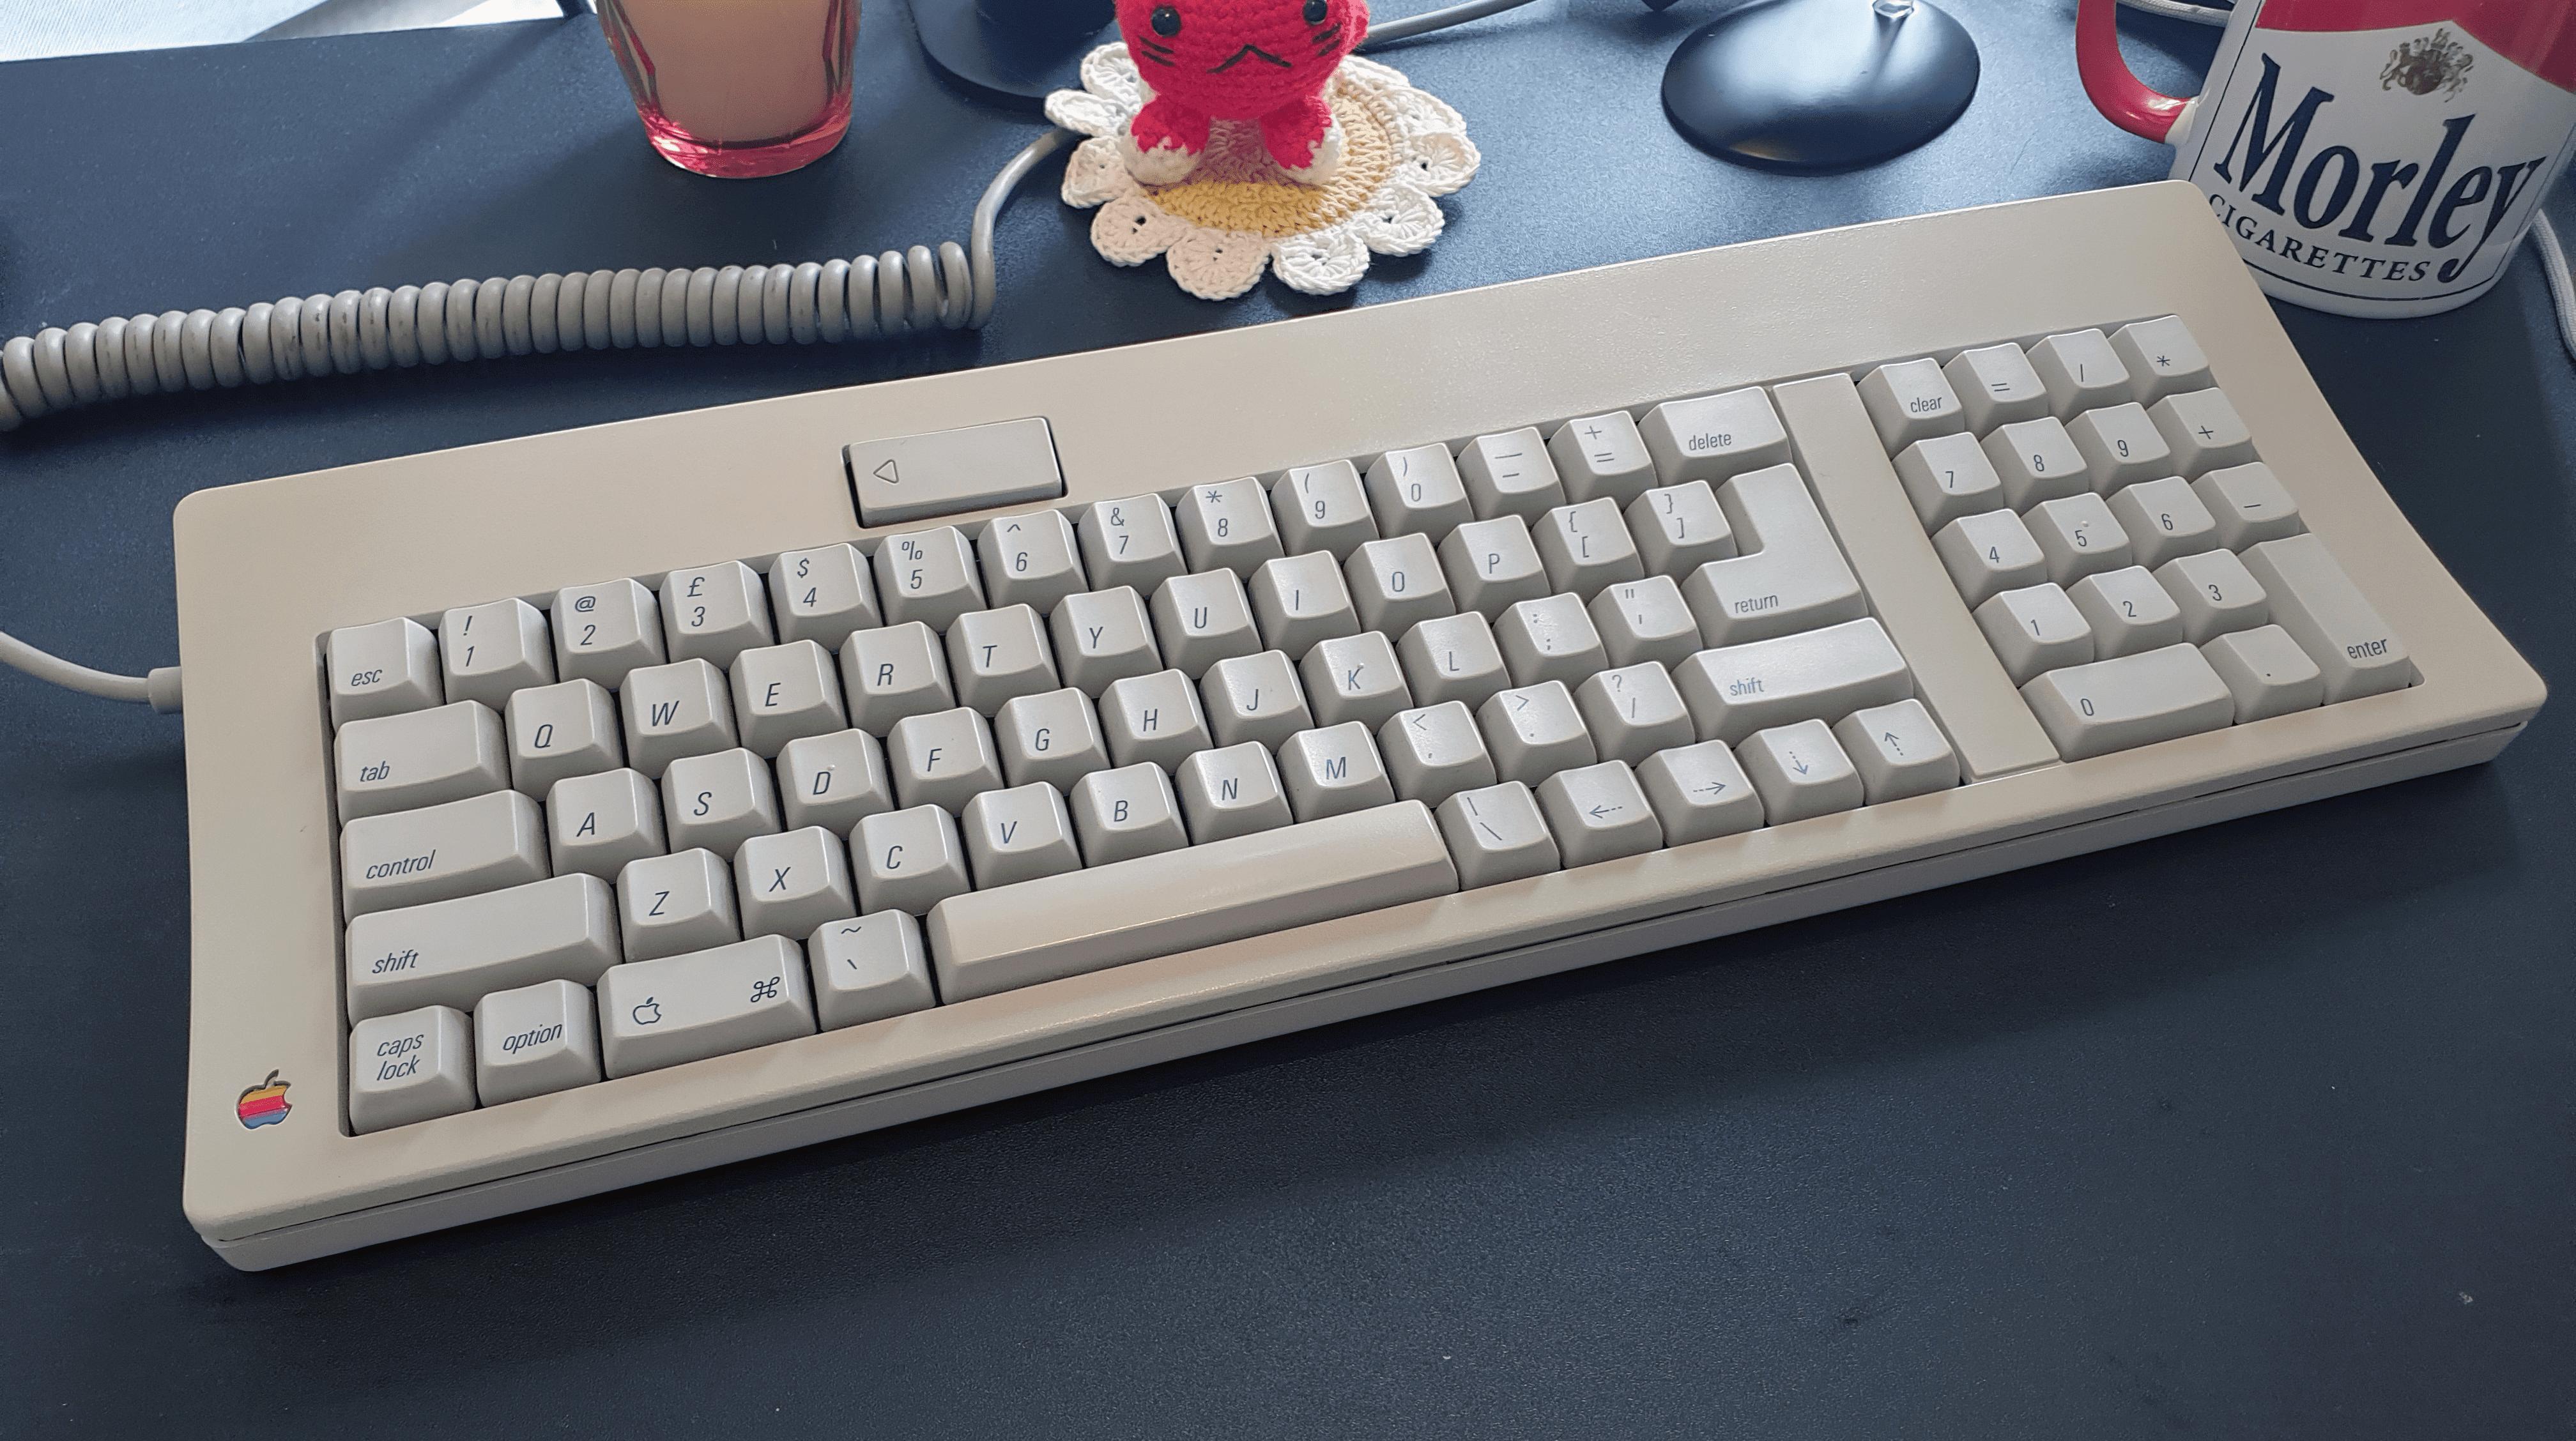 Apple Standard Keyboard, click-modded